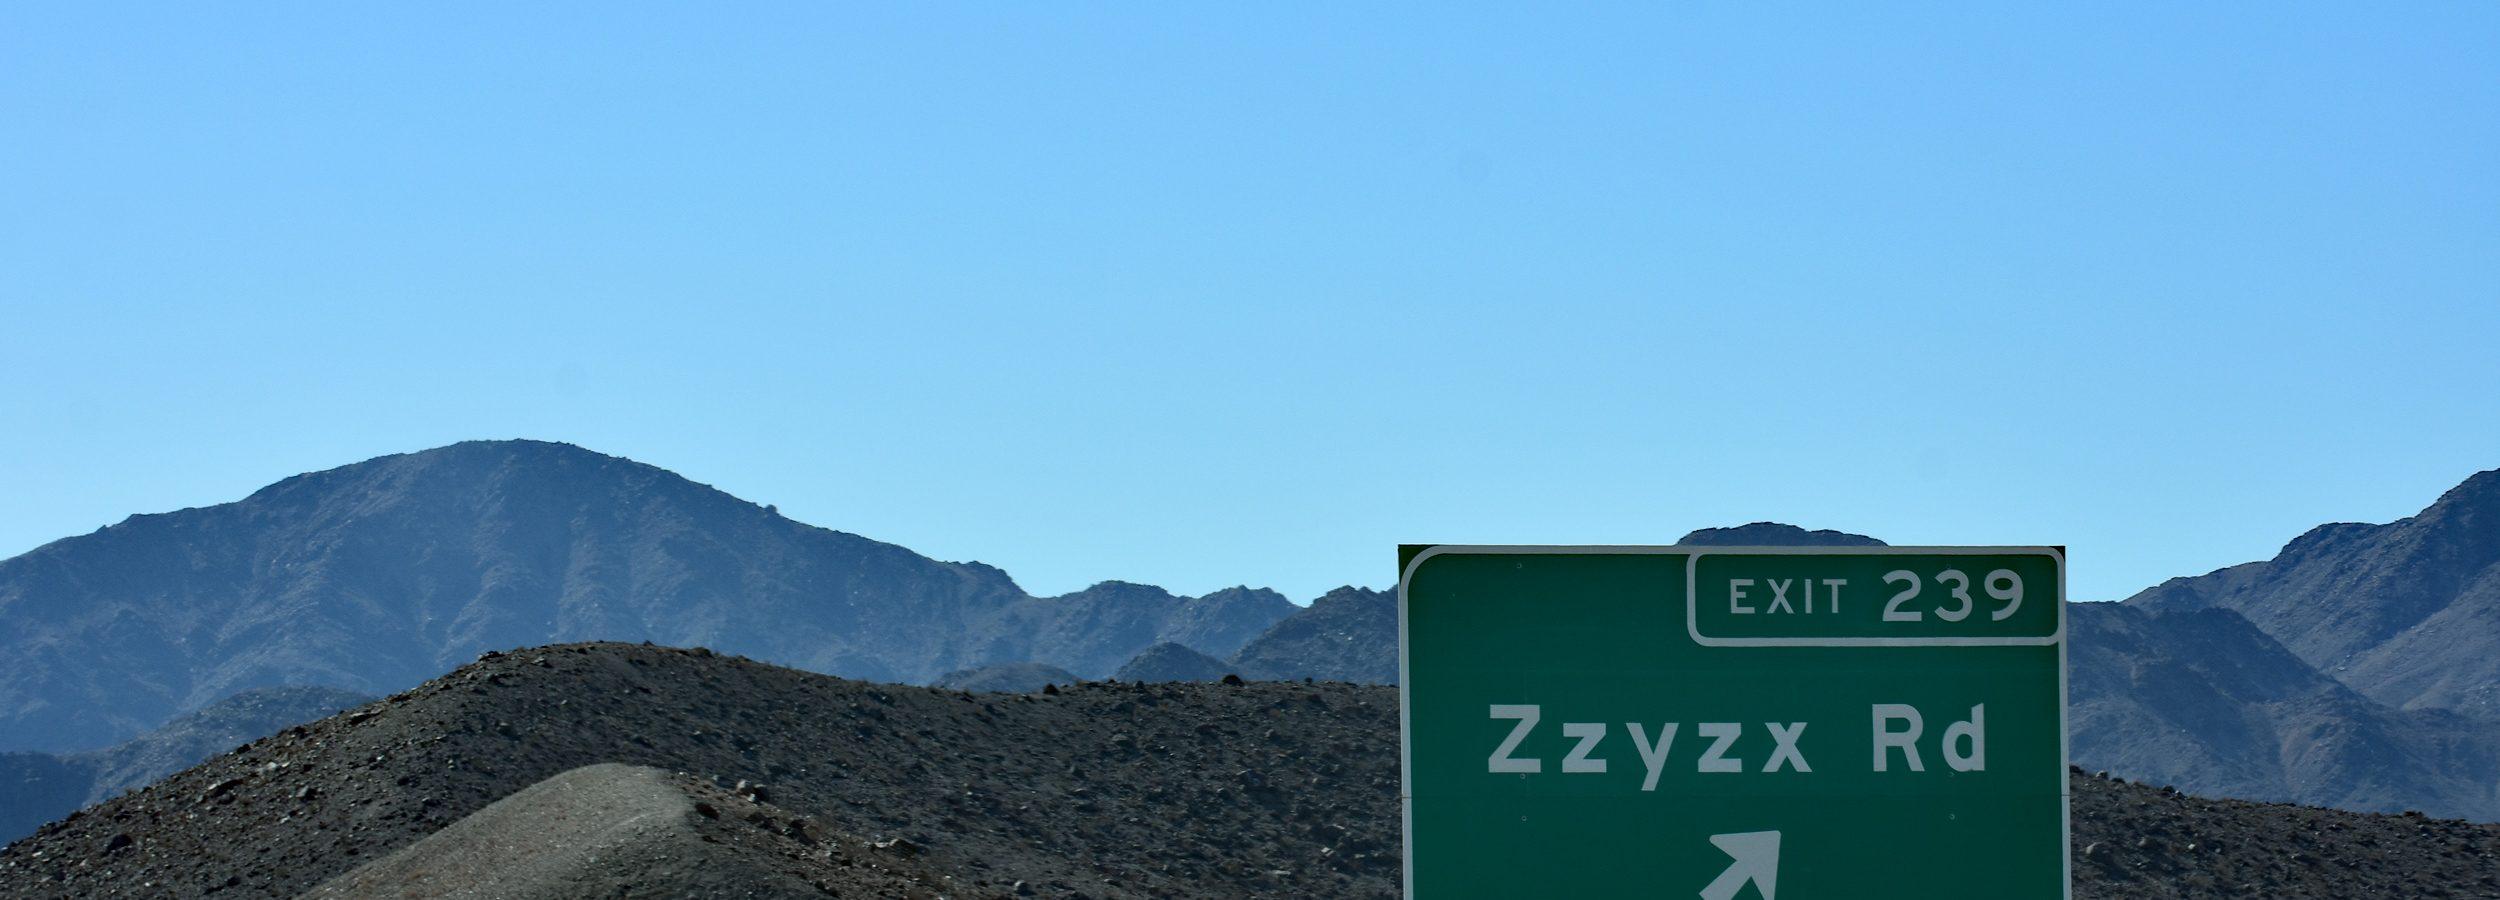 Zzyzx Rd, Kalifornia